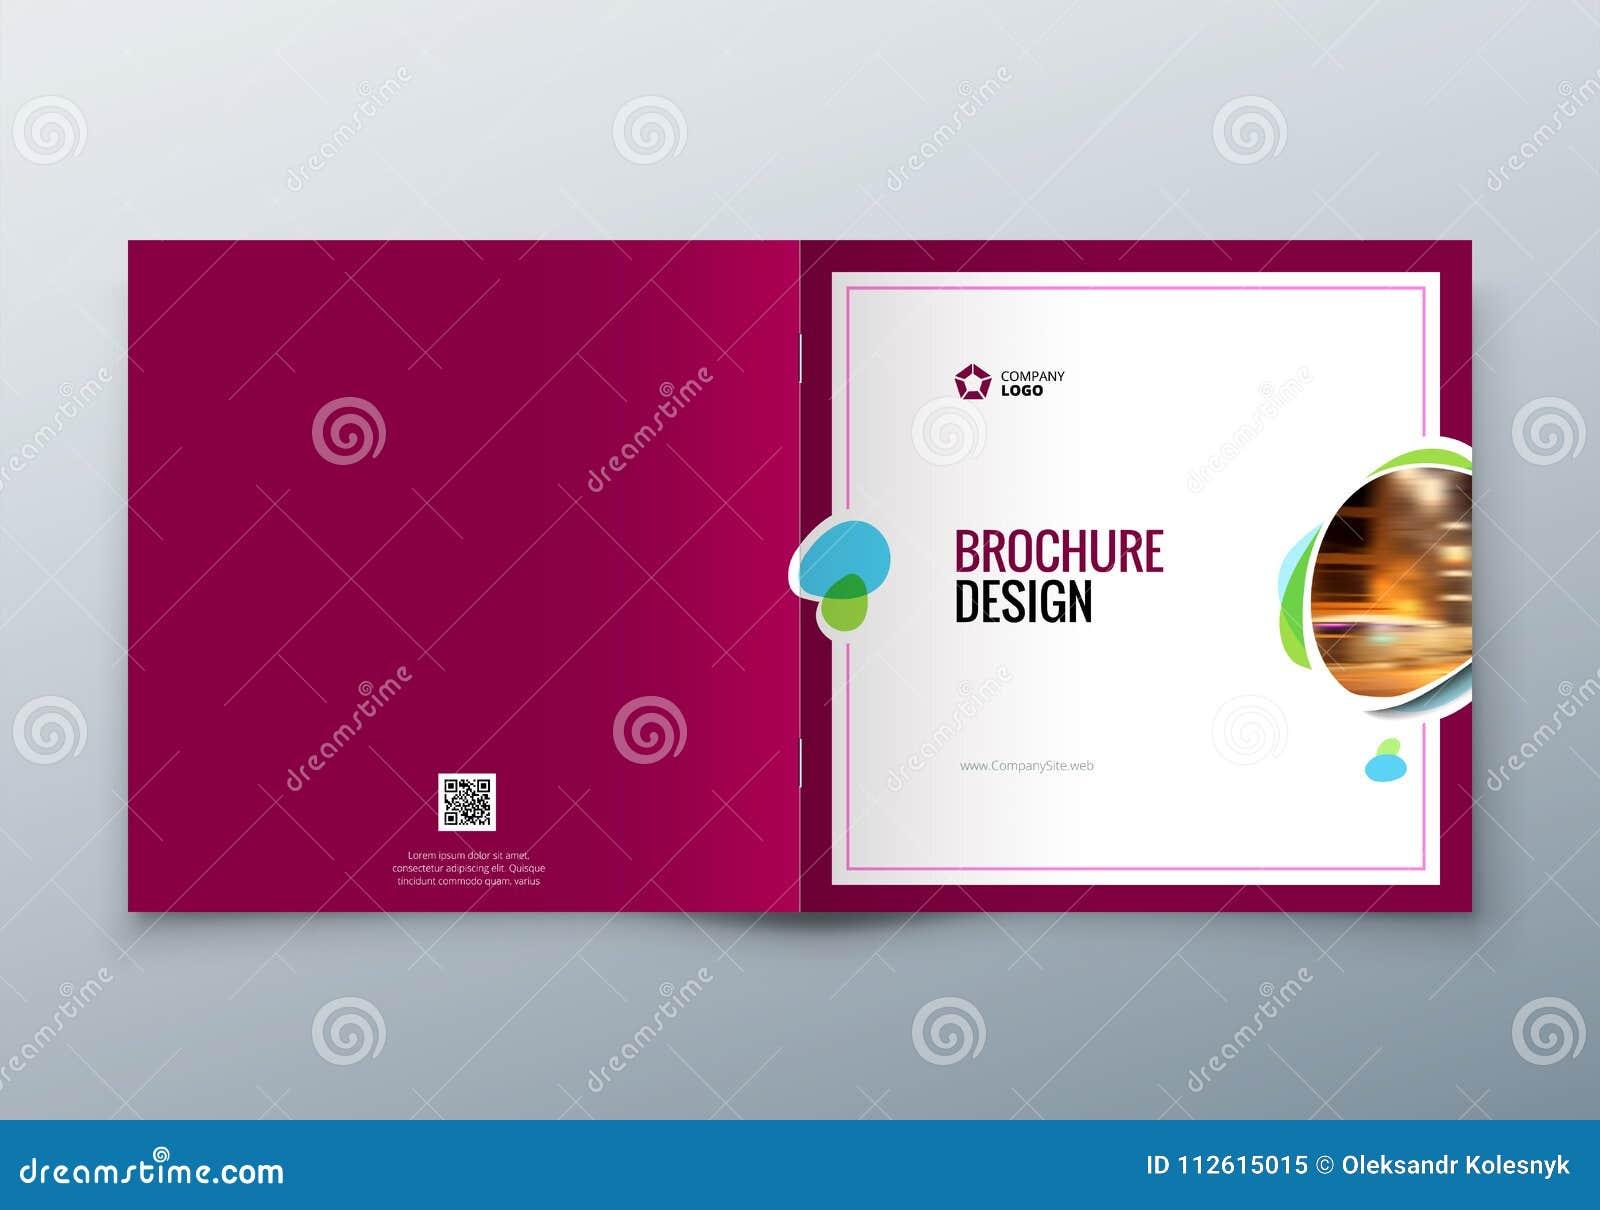 Квадратный дизайн брошюры Шаблон корпоративного бизнеса для брошюры прямоугольника, отчета, каталога, кассеты корпоративно